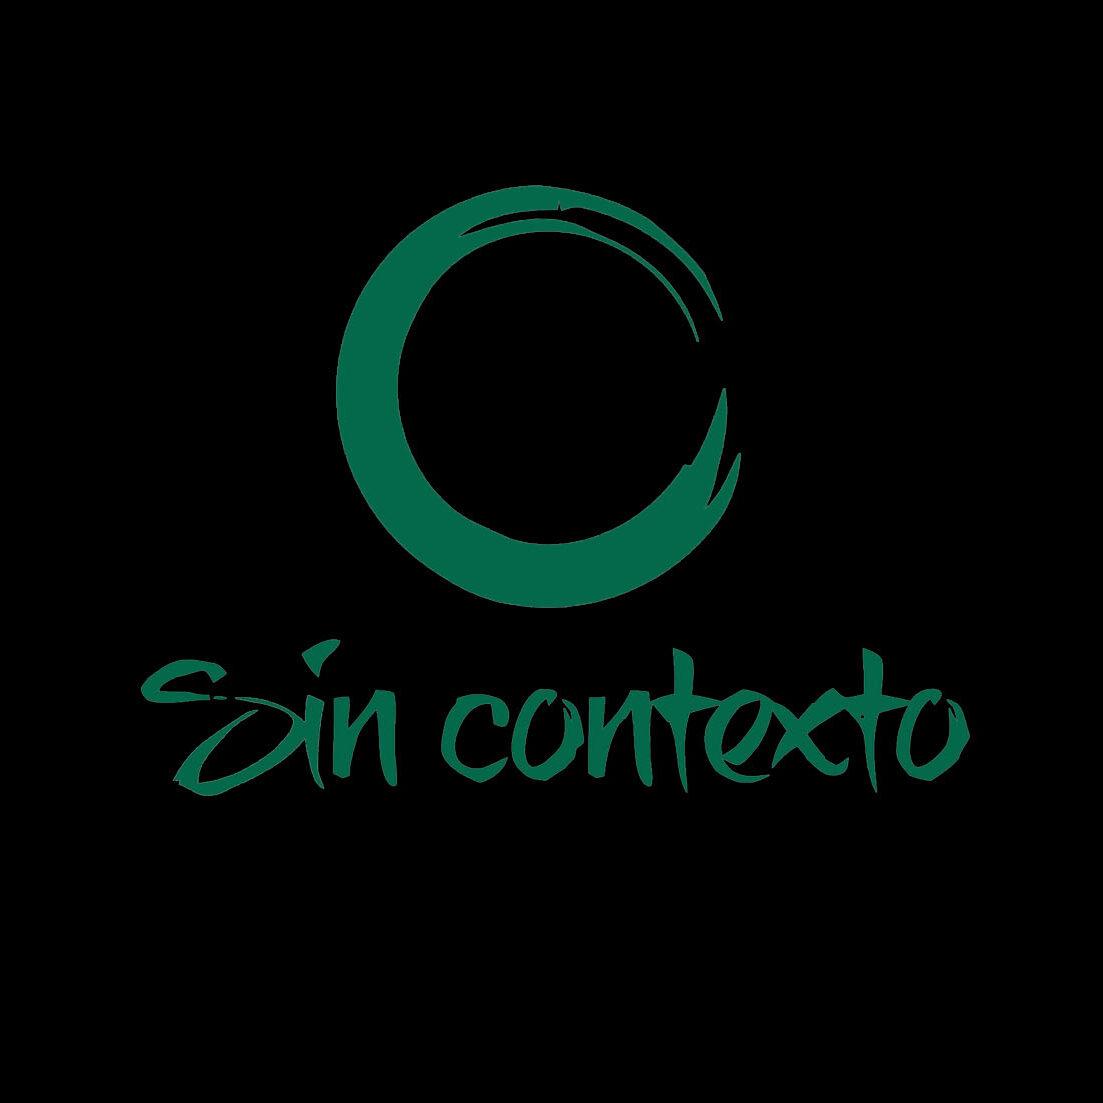 75 Sin Contexto